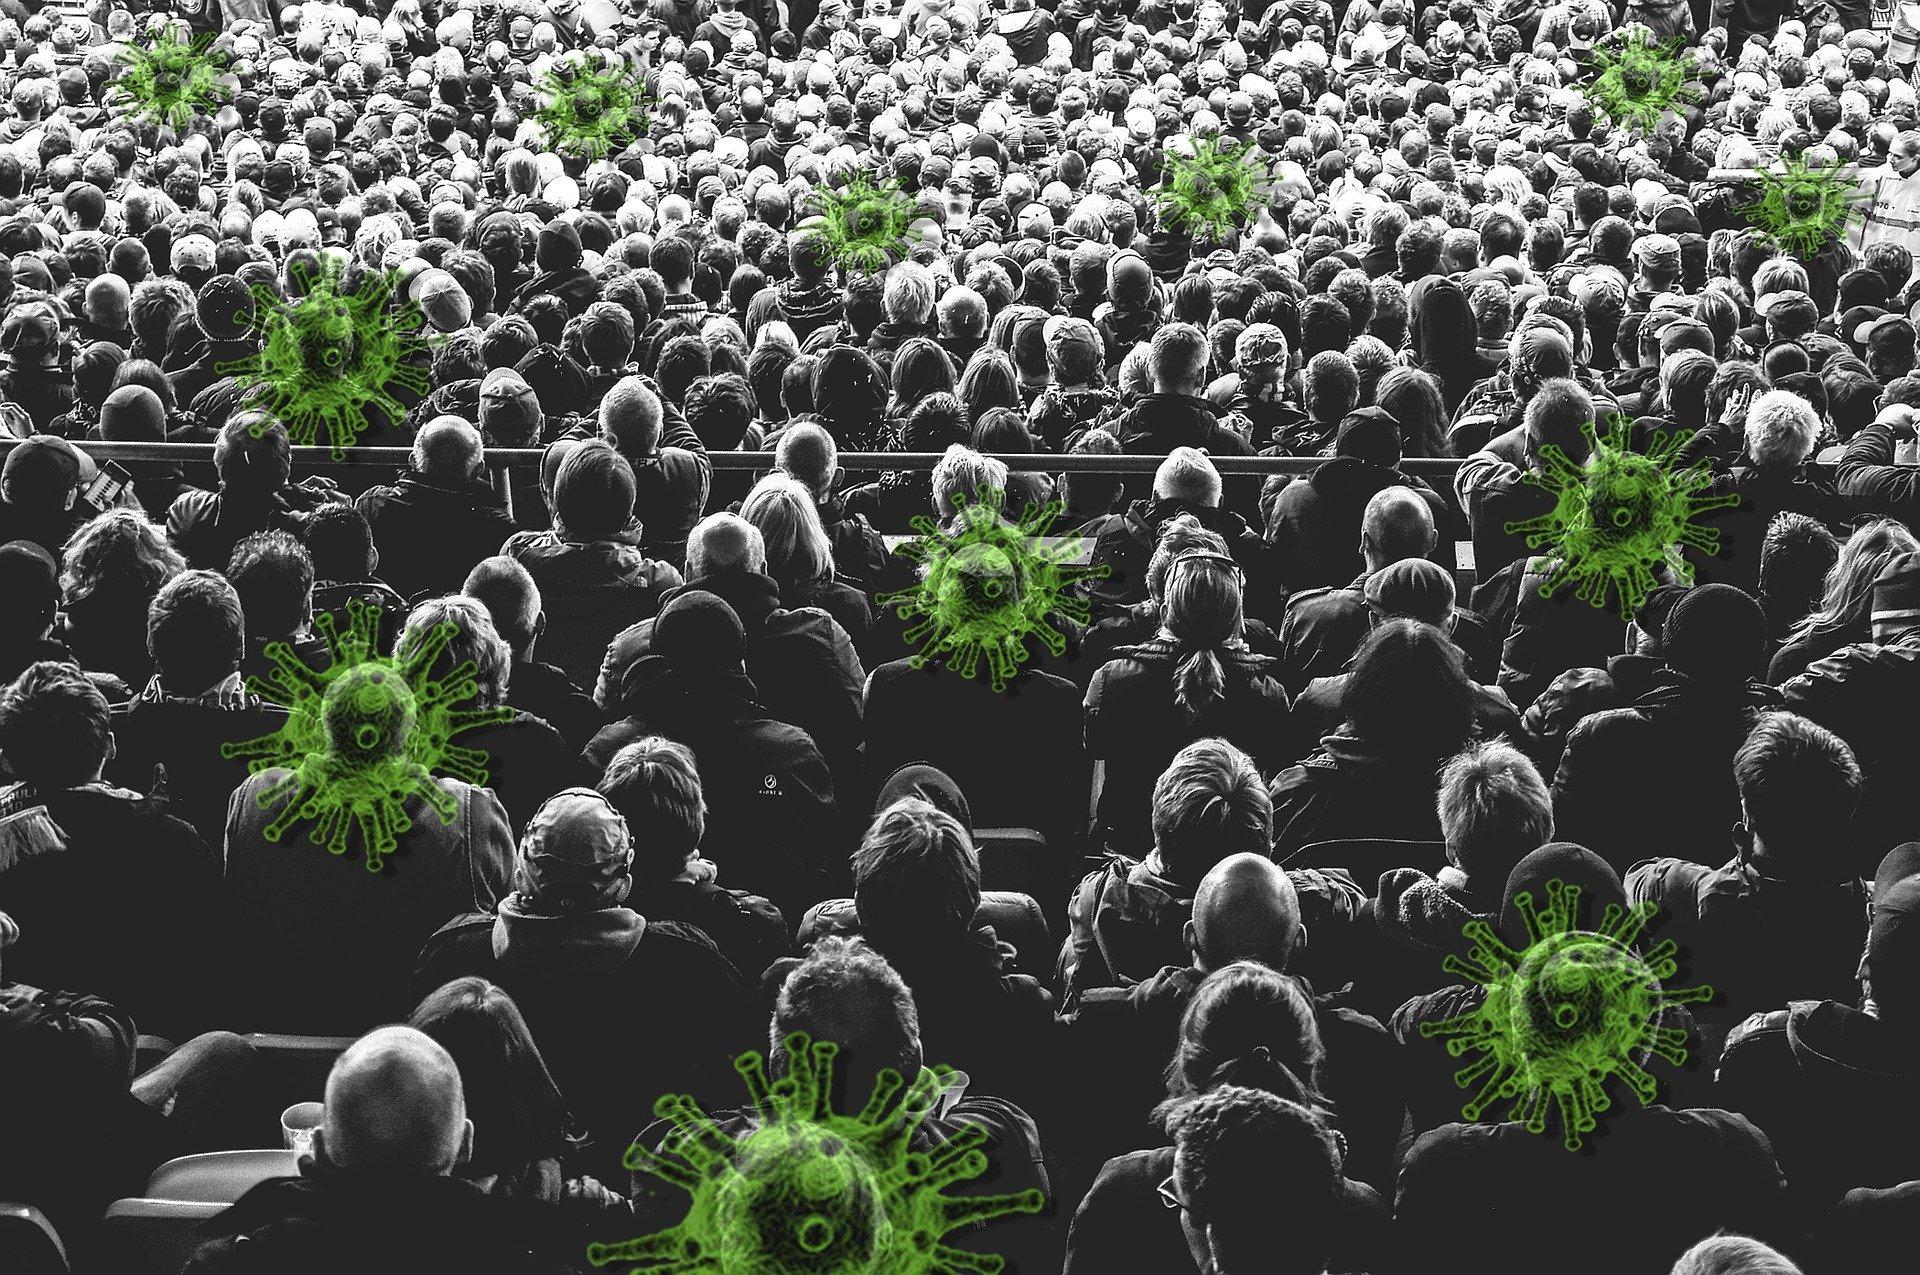 Pandemia Covid 19 stanie się  endemią. Wyjaśniamy co to znaczy - Zdjęcie główne